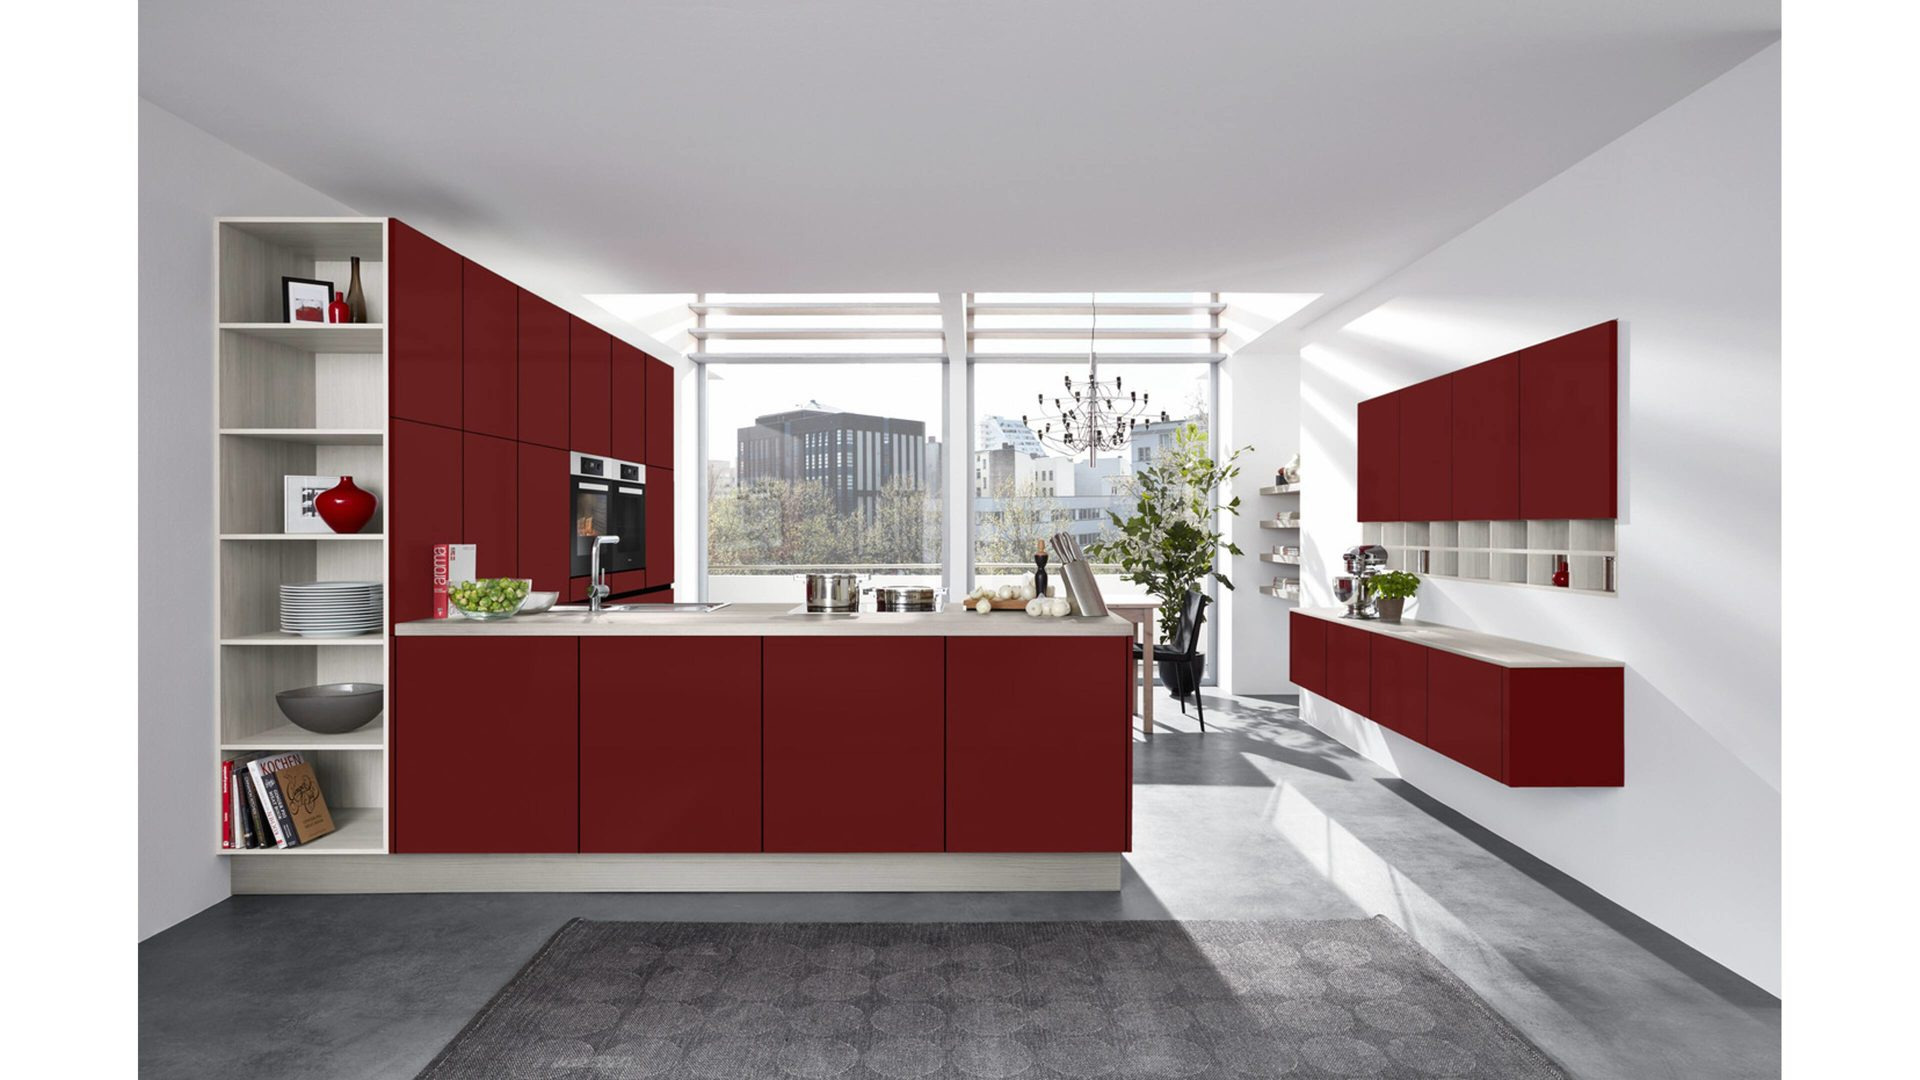 Möbel Boer Coesfeld, Möbel A-Z, Küchen, Einbauküchen, Culineo ...